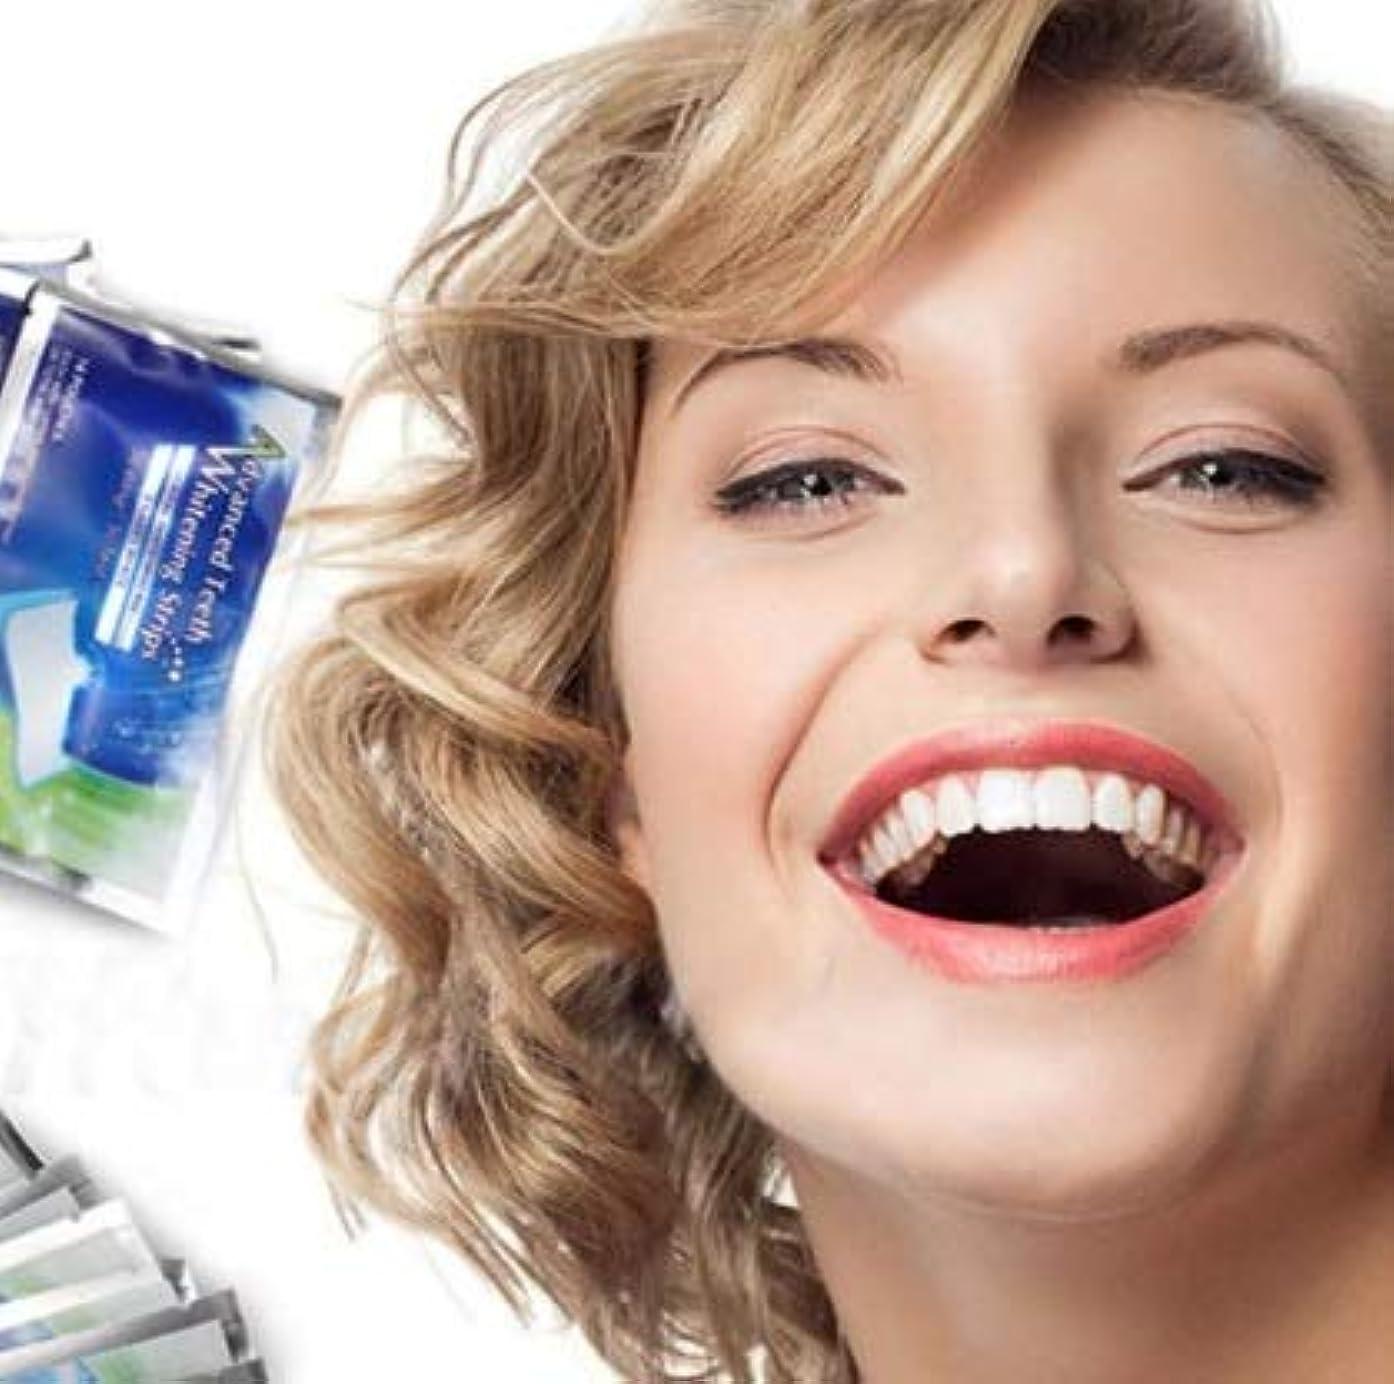 豪華な緯度子供達Izmirli 28ストリップを白くする高度な歯、ストリップを白くする3D歯、漂白ストリップを白くする専門の白くなる専門家、歯科白くなるキット、エナメルの白。Izmirli 28 Advanced Teeth Whitening...